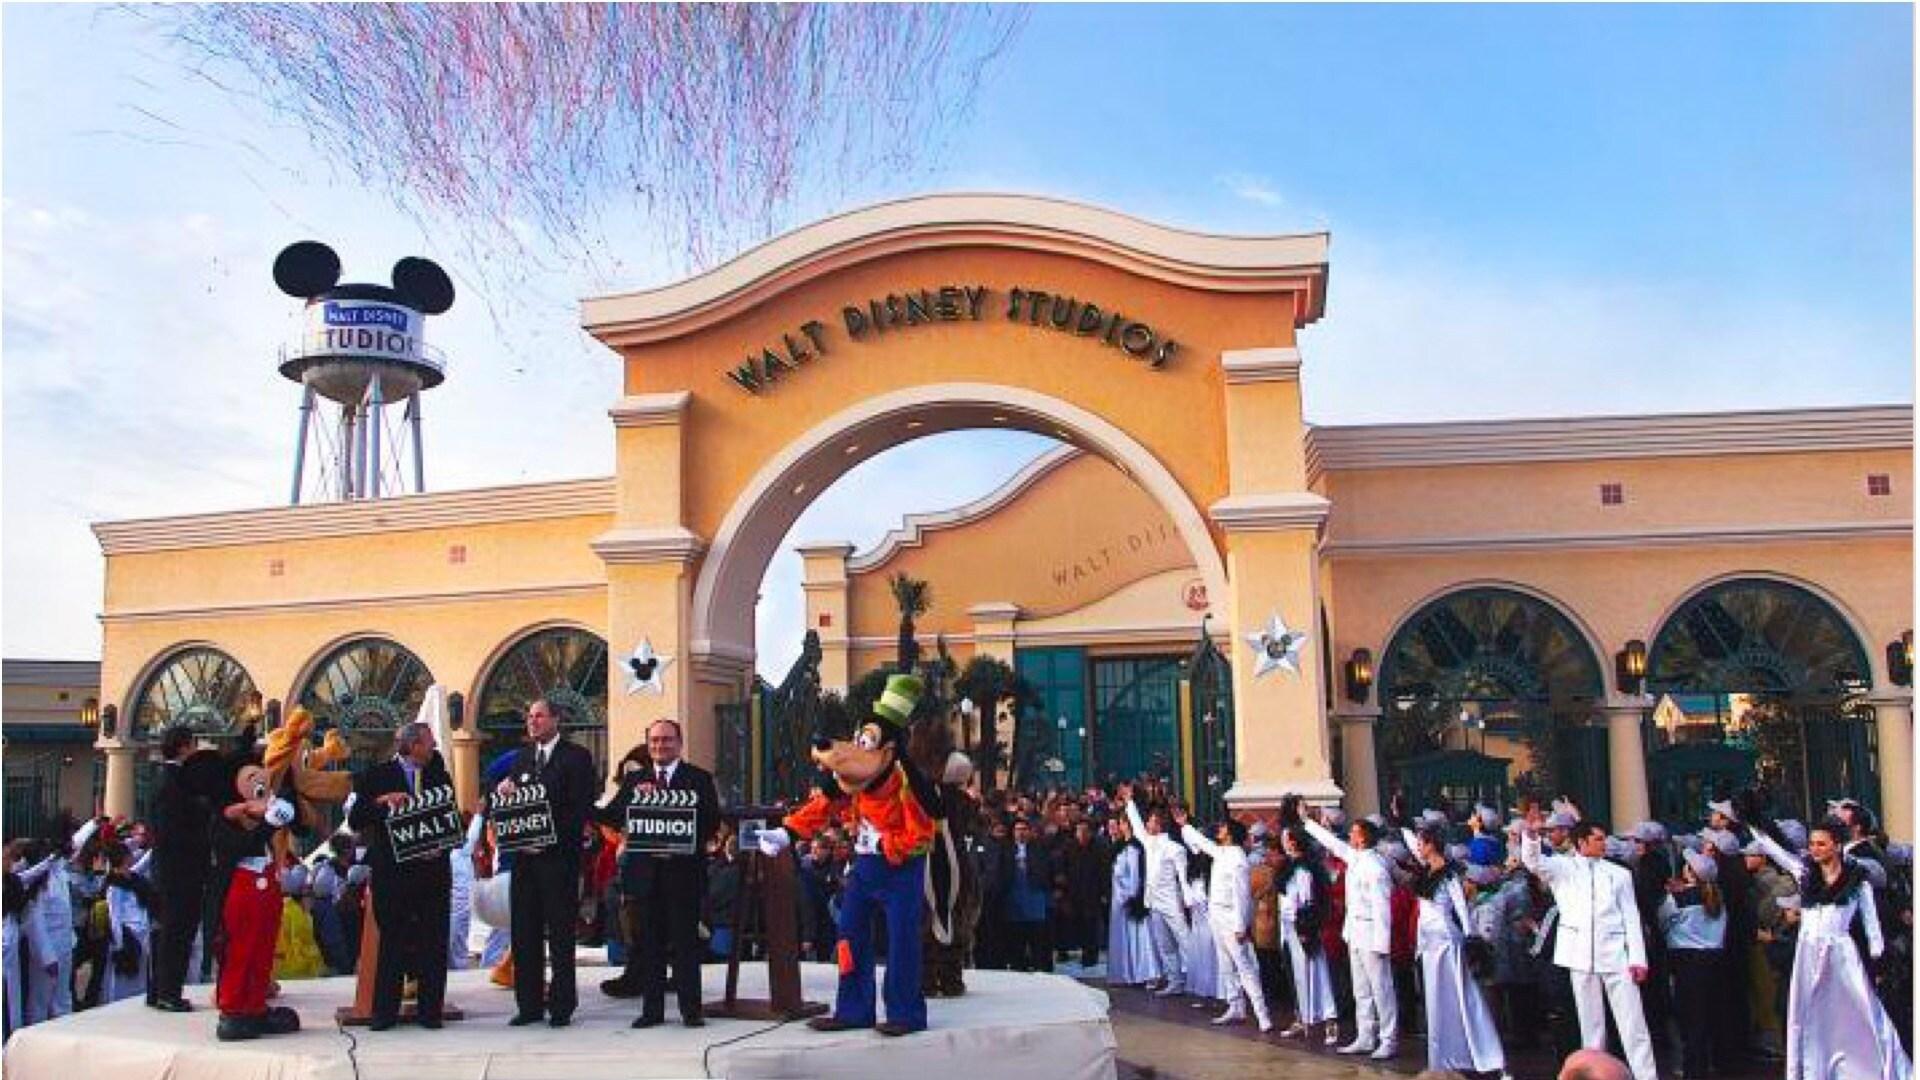 Ouverture du Parc Walt Disney Studios qui vient rejoindre le Parc Disneyland à Disneyland Paris.